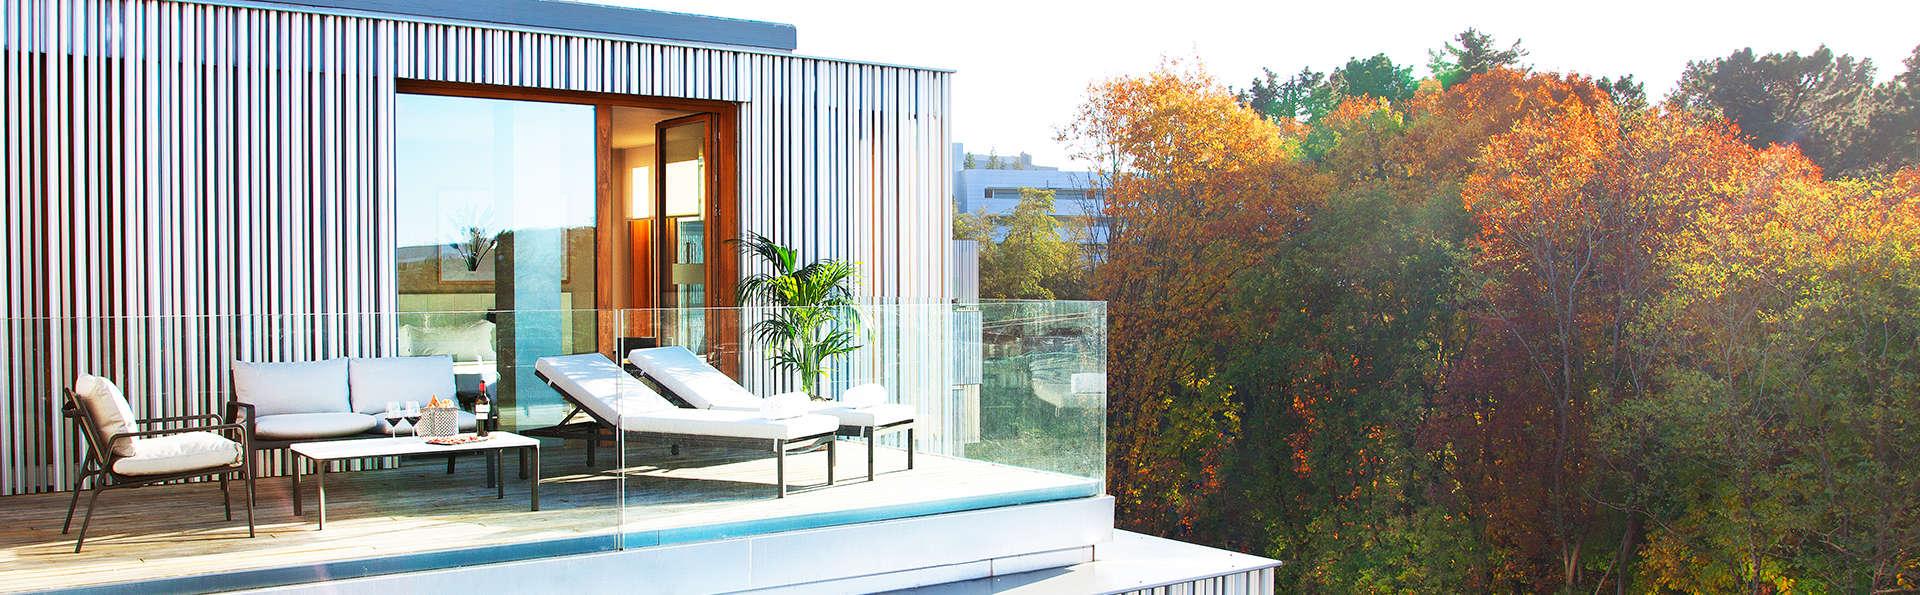 Escapade à Saint-Sébastien dans un hôtel de style scandinave